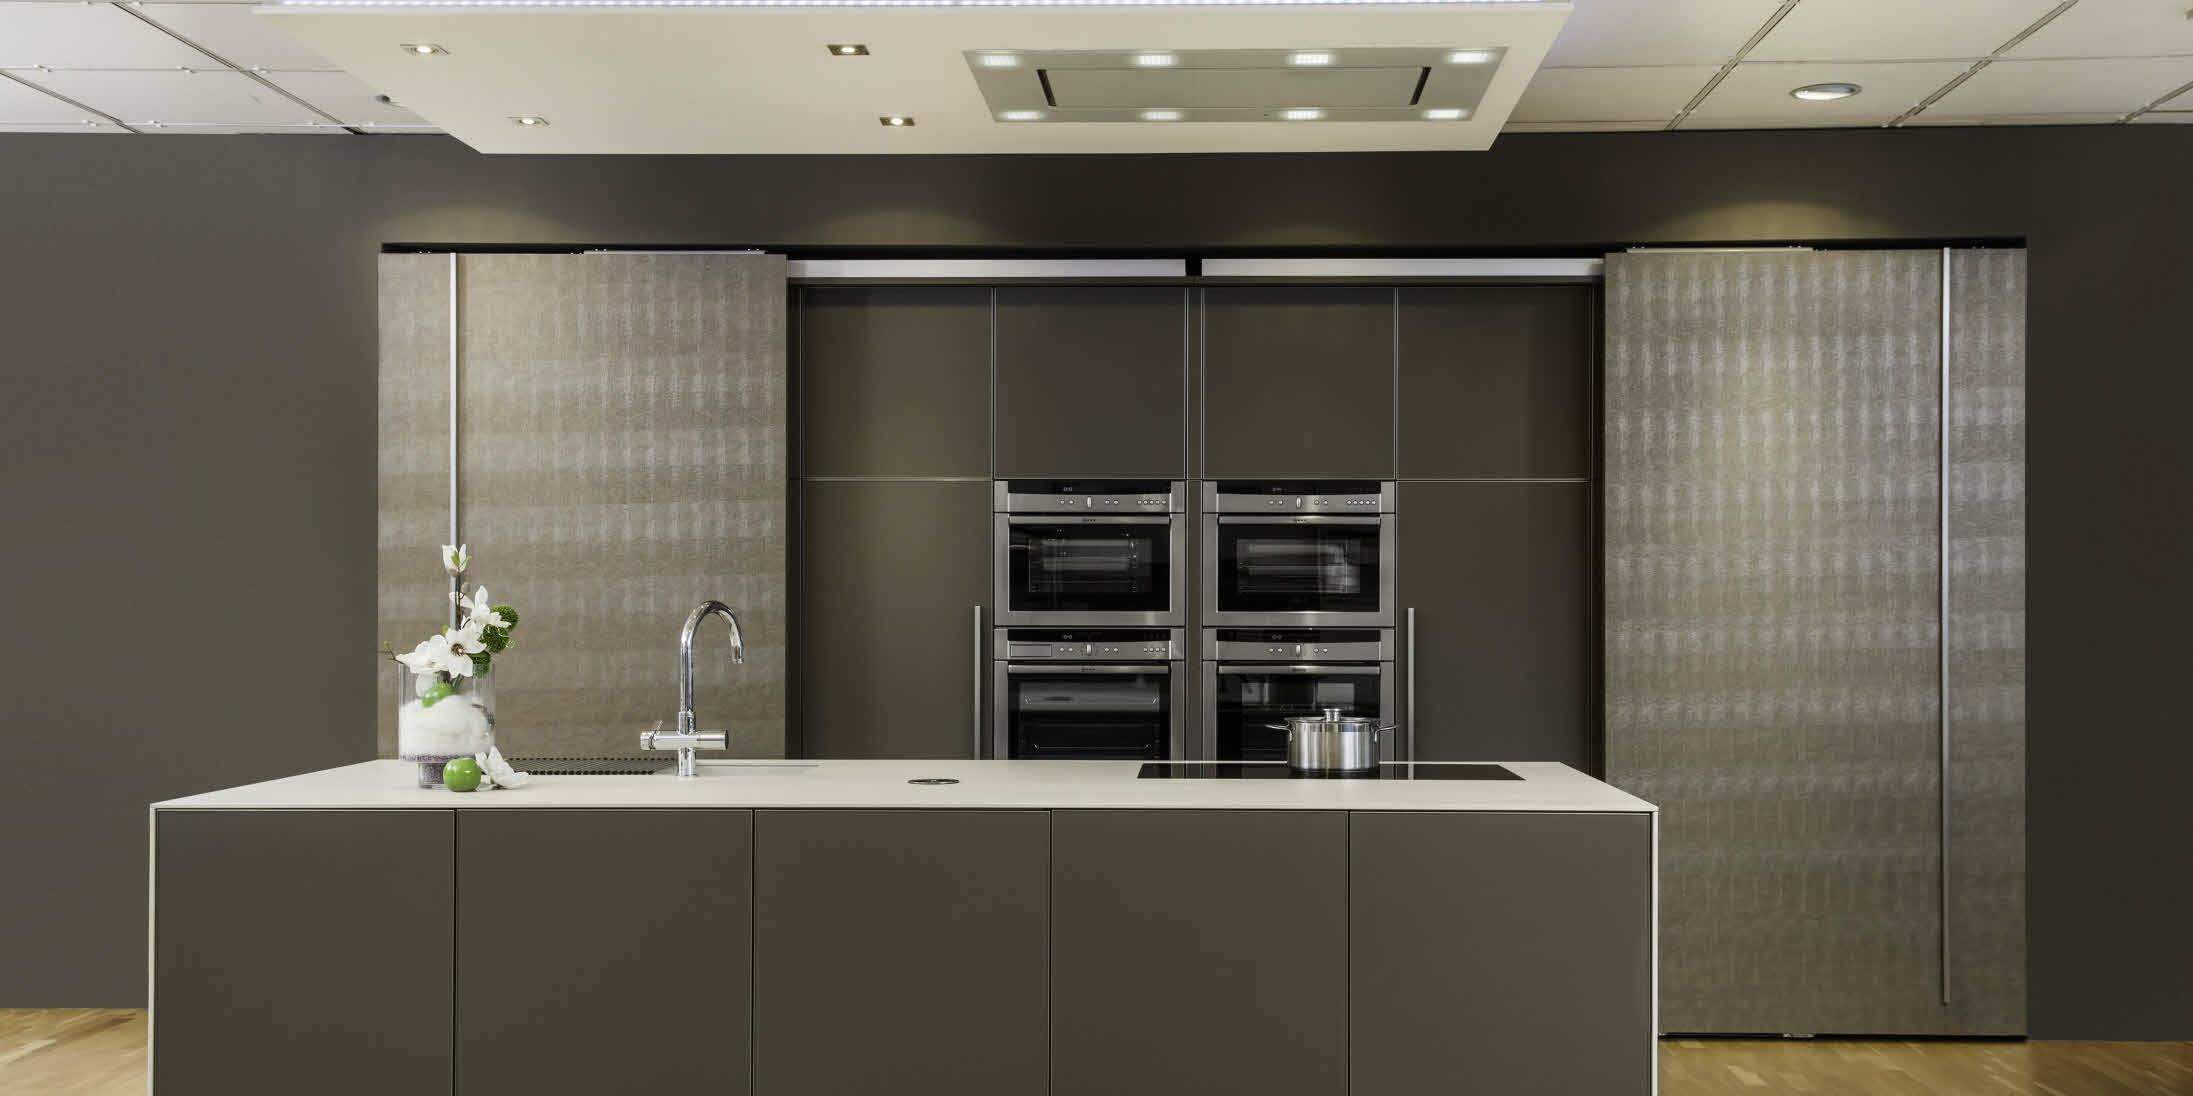 Küchenstudio Reinartz pin küchenstudio on